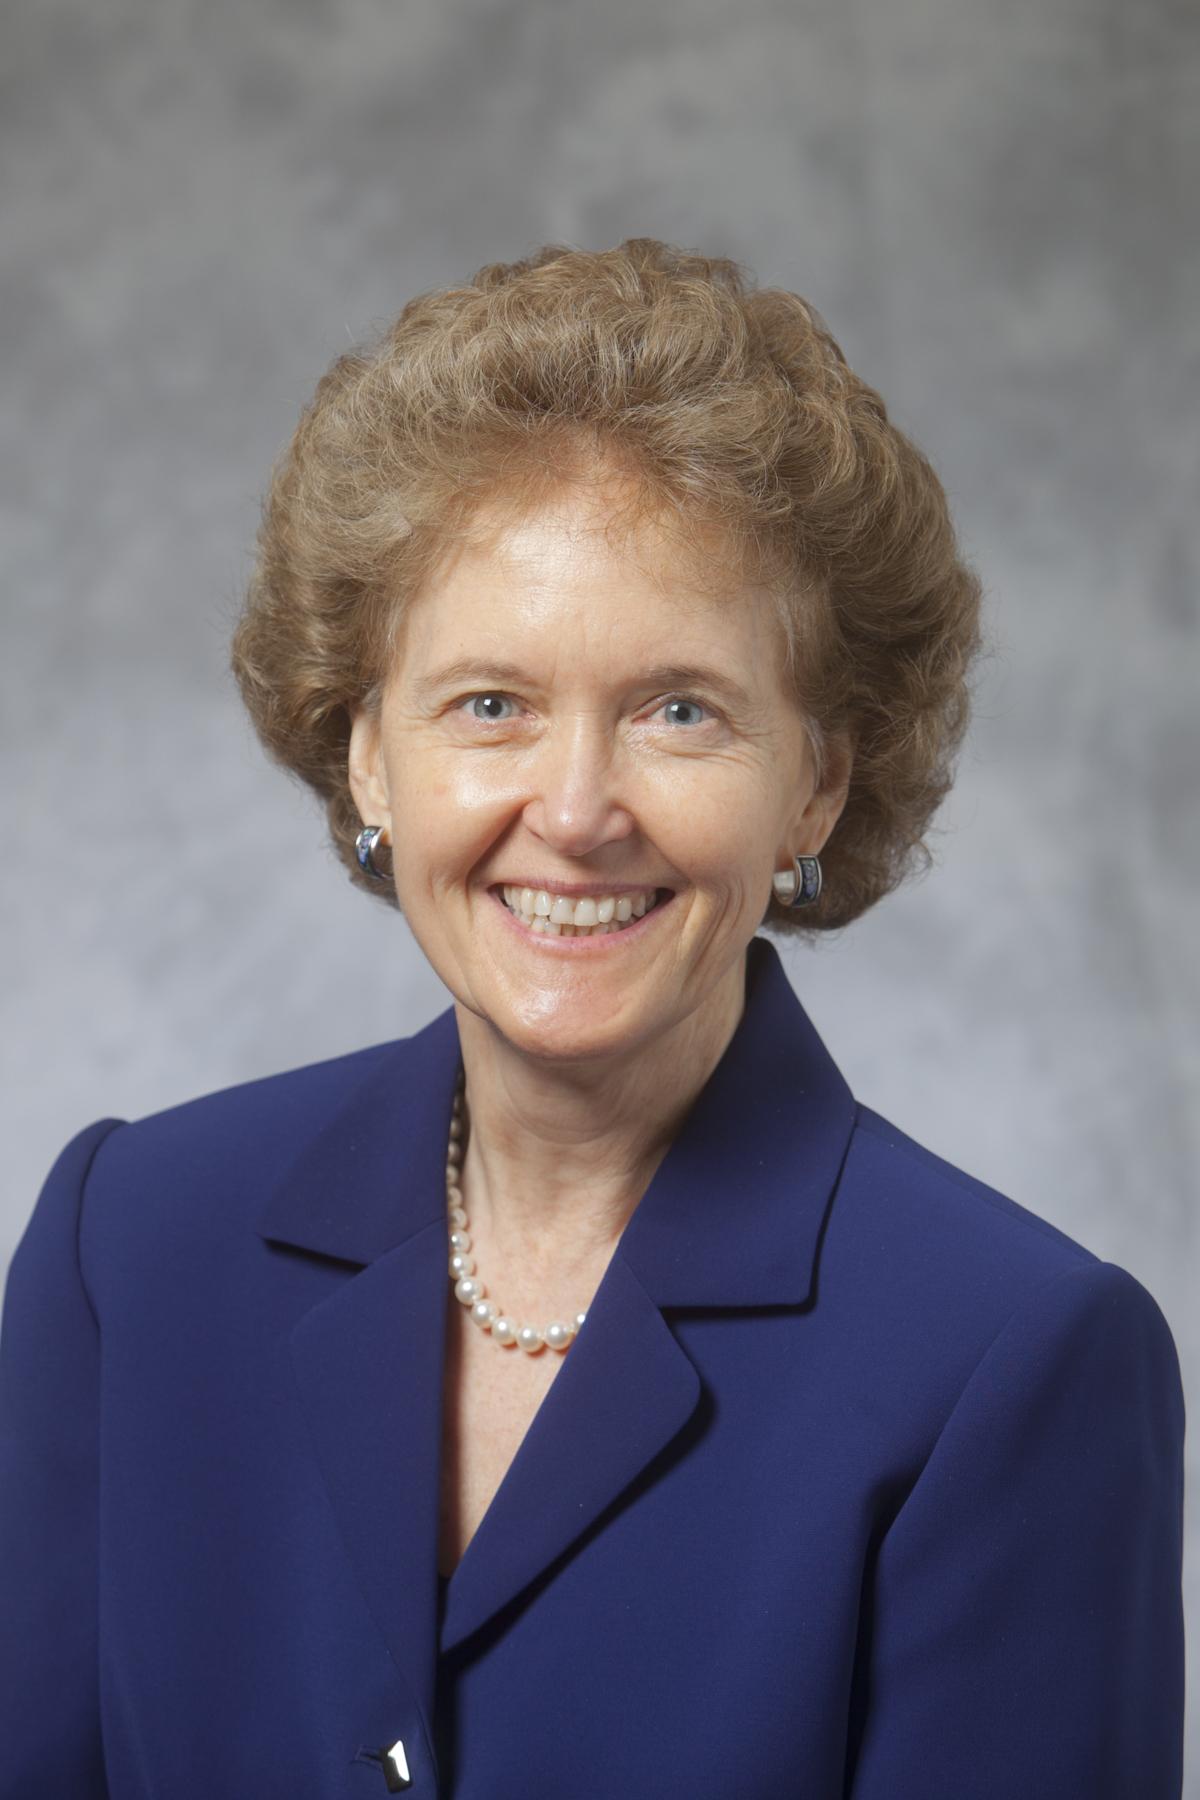 Kathy Andolsek